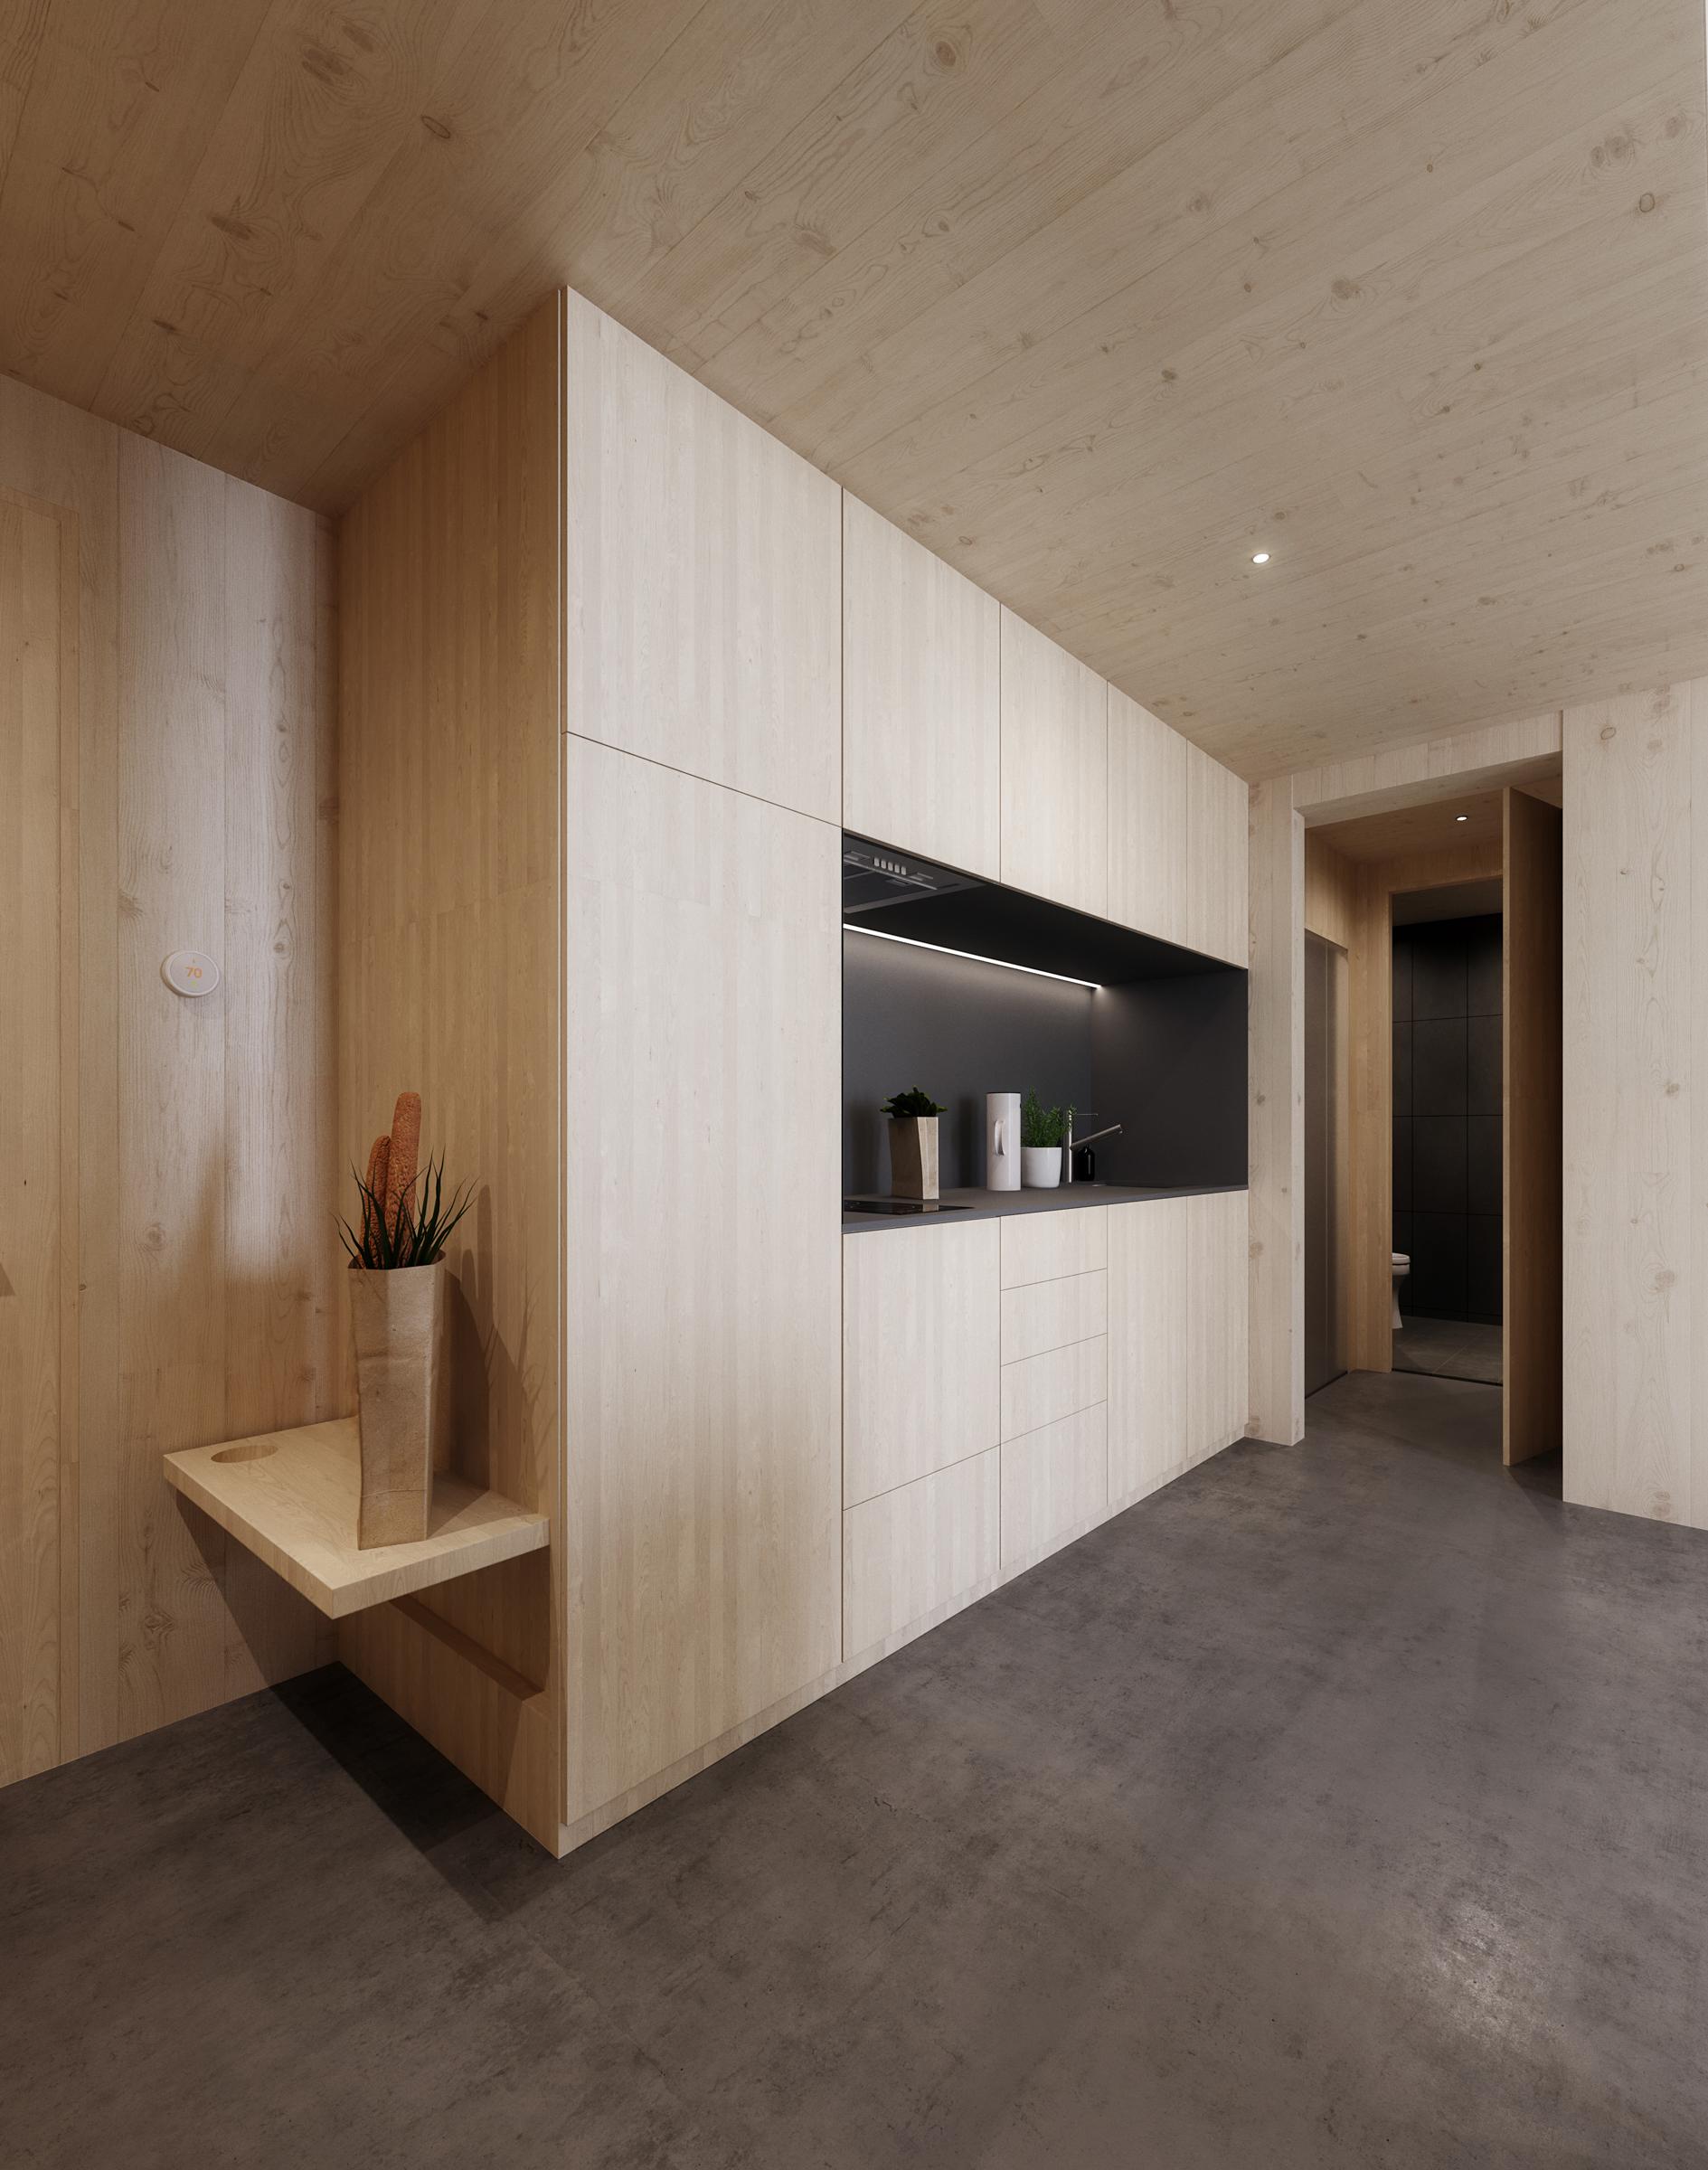 gh3 - SWL - Units - Studio - Kitchen